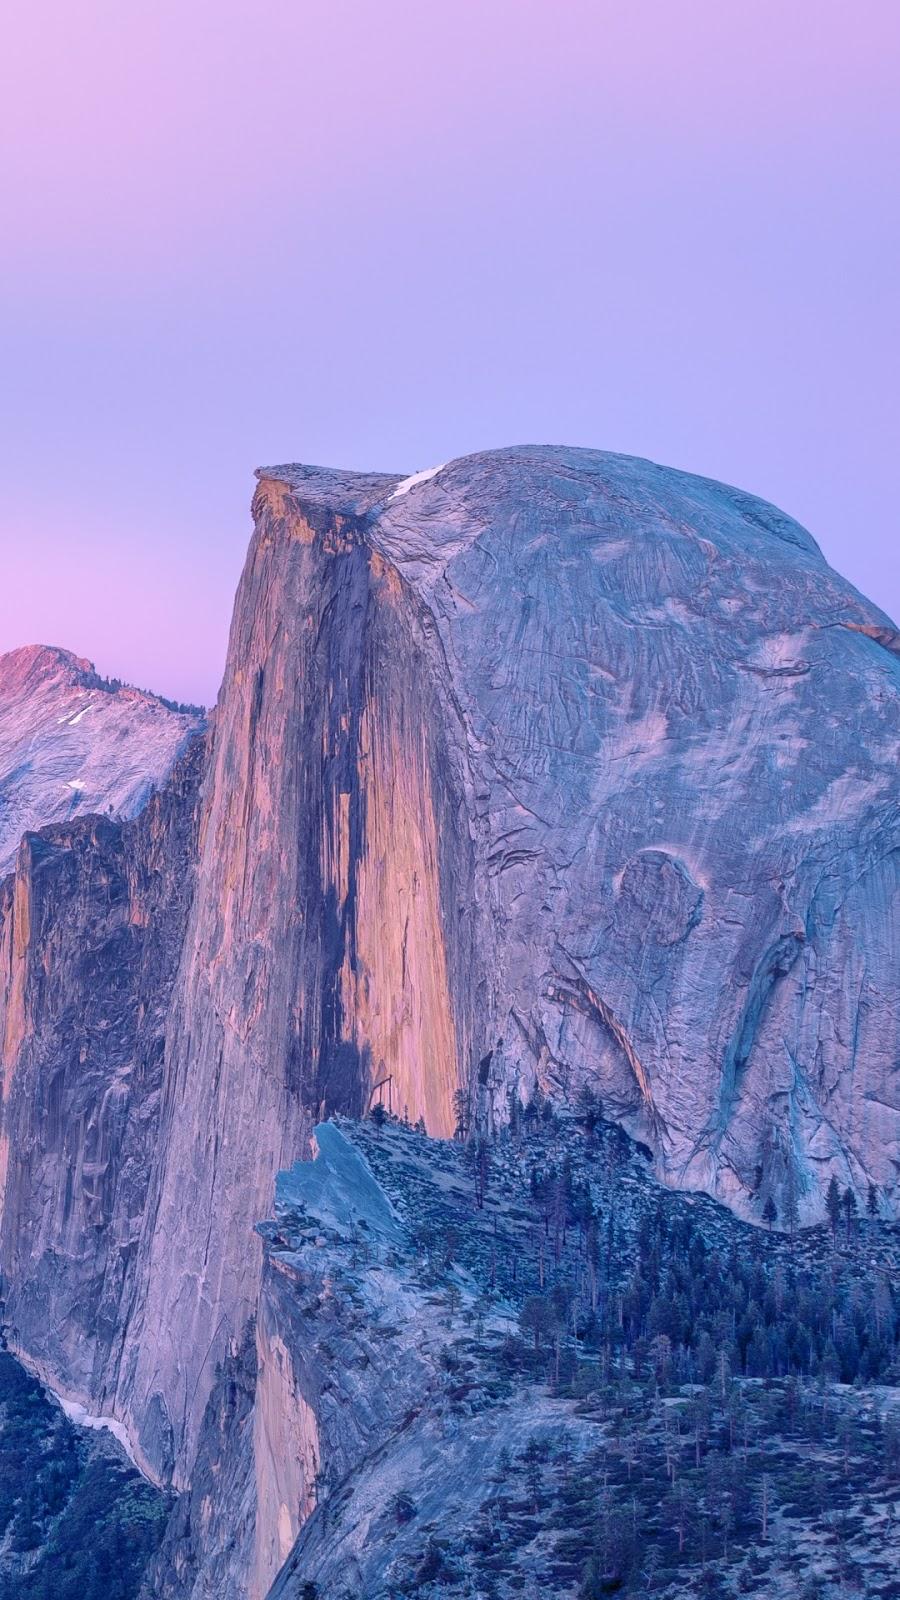 Papel de parede grátis Paisagem Linda Parque Nacional de Yosemite para PC, Notebook, iPhone, Android e Tablet.